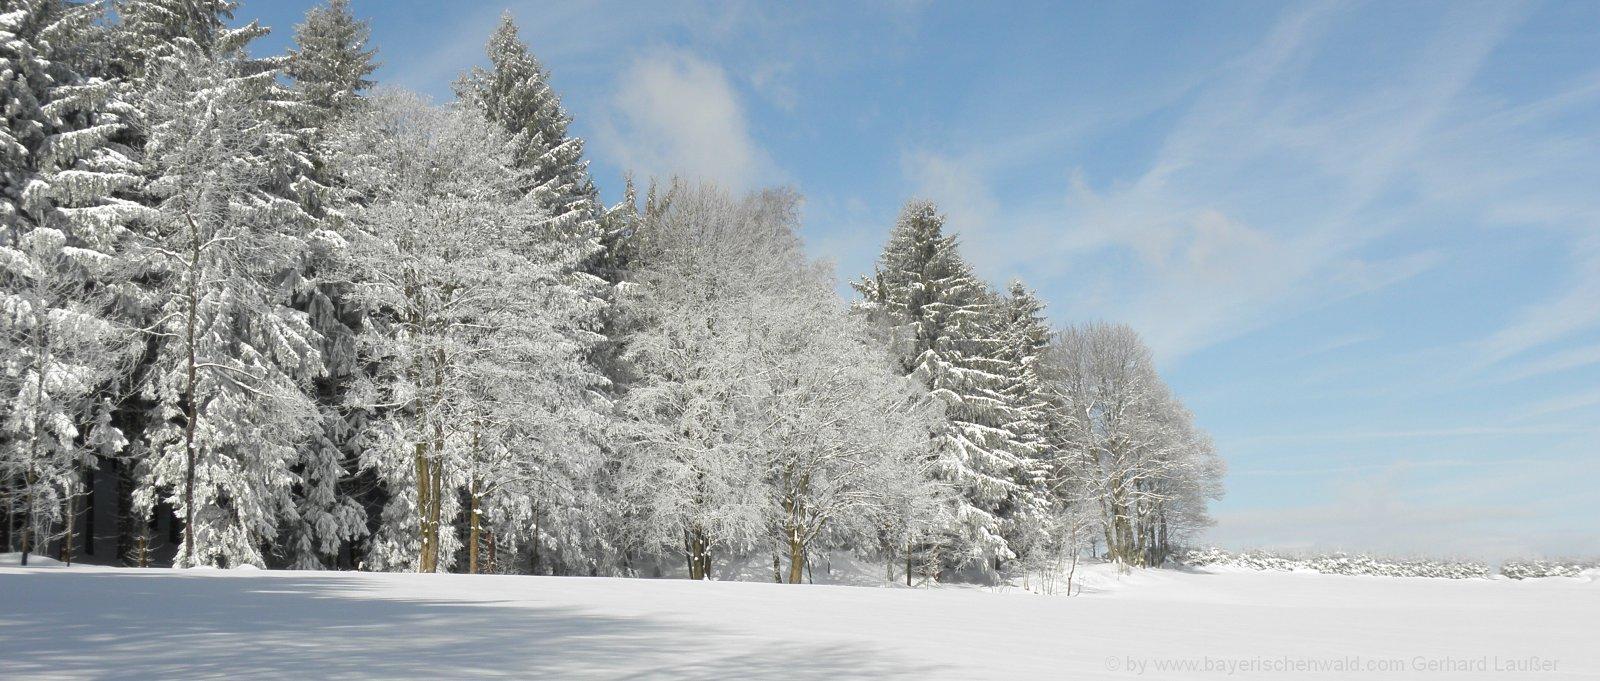 winterurlaub-bayerischer-wald-schnee-wandern-langlaufen